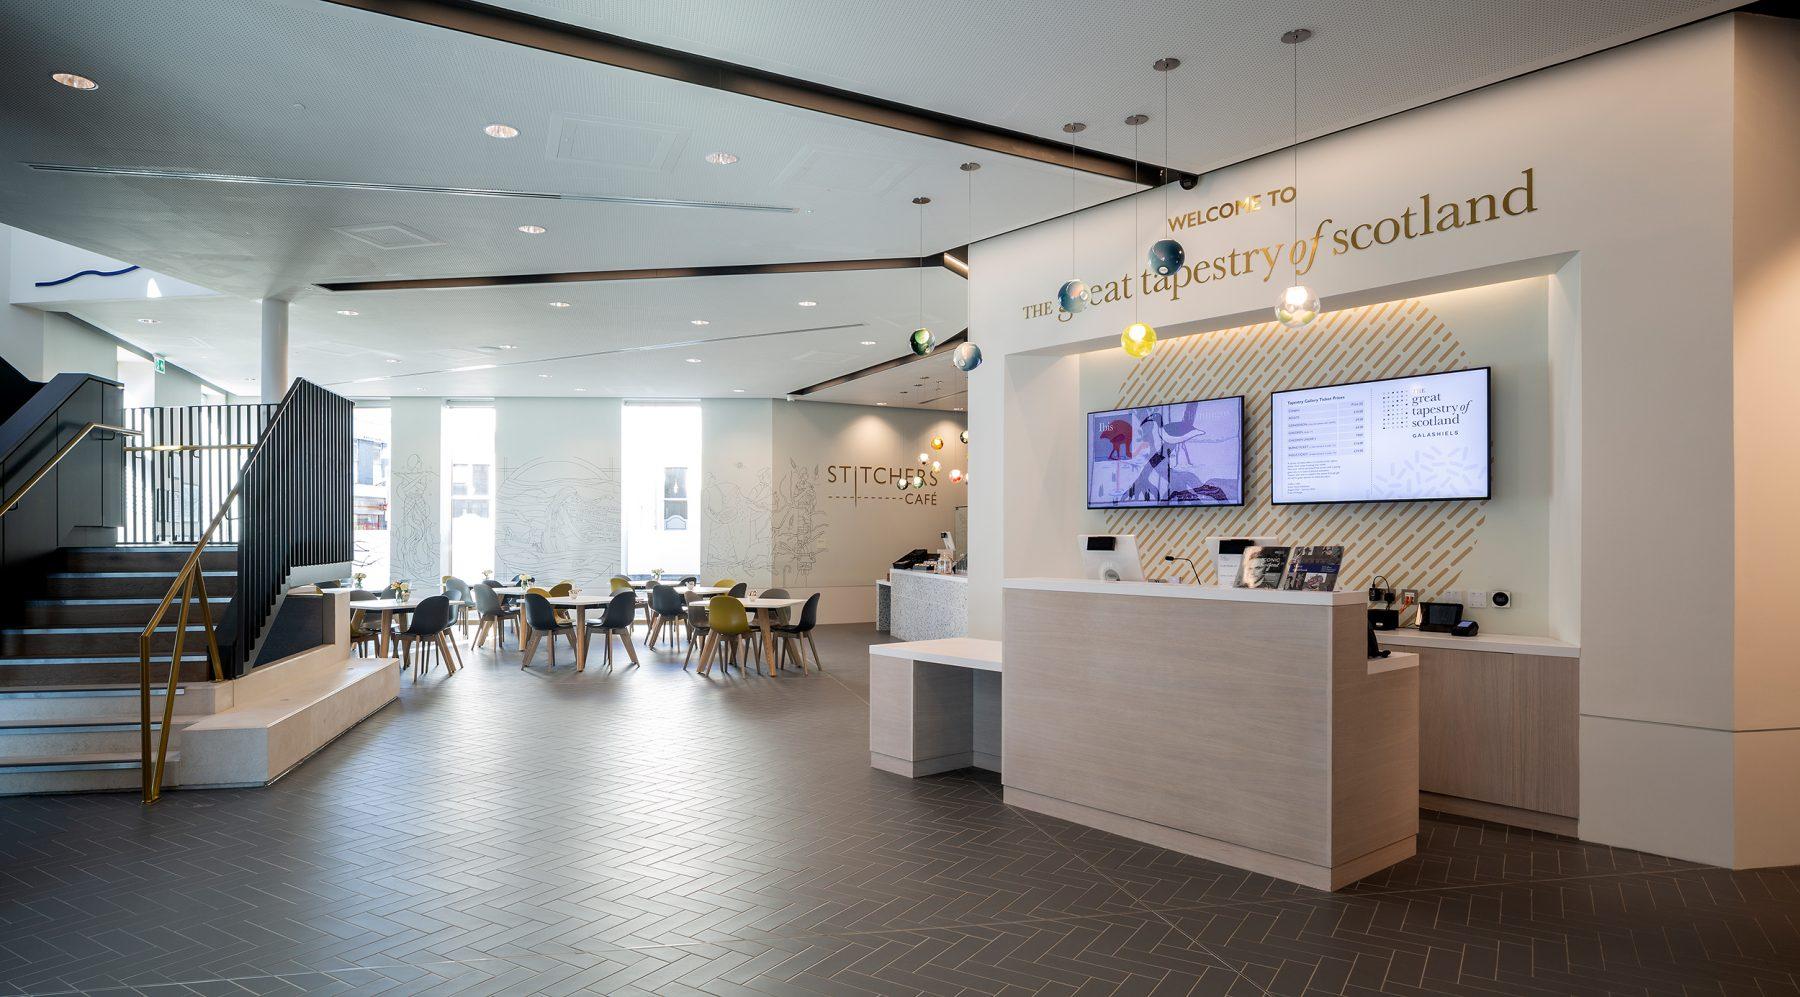 Ground Floor Reception & Cafe